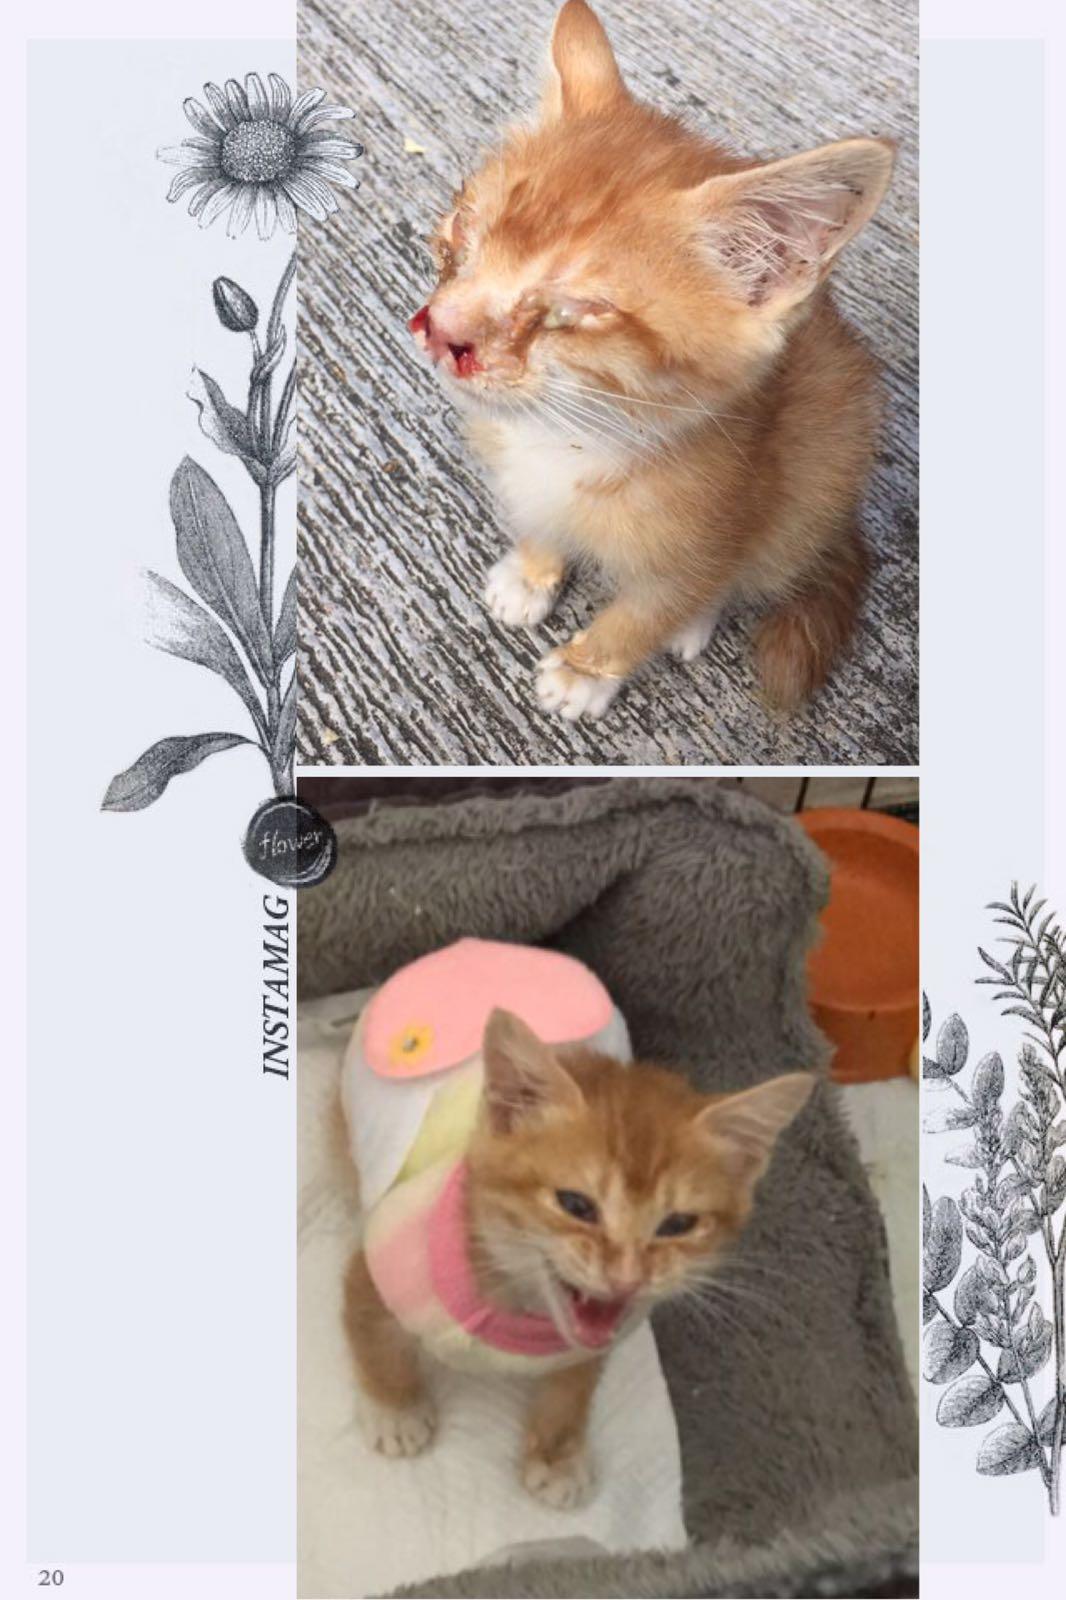 大埔貓BB是生命小鬥士。 相片由ROSA提供